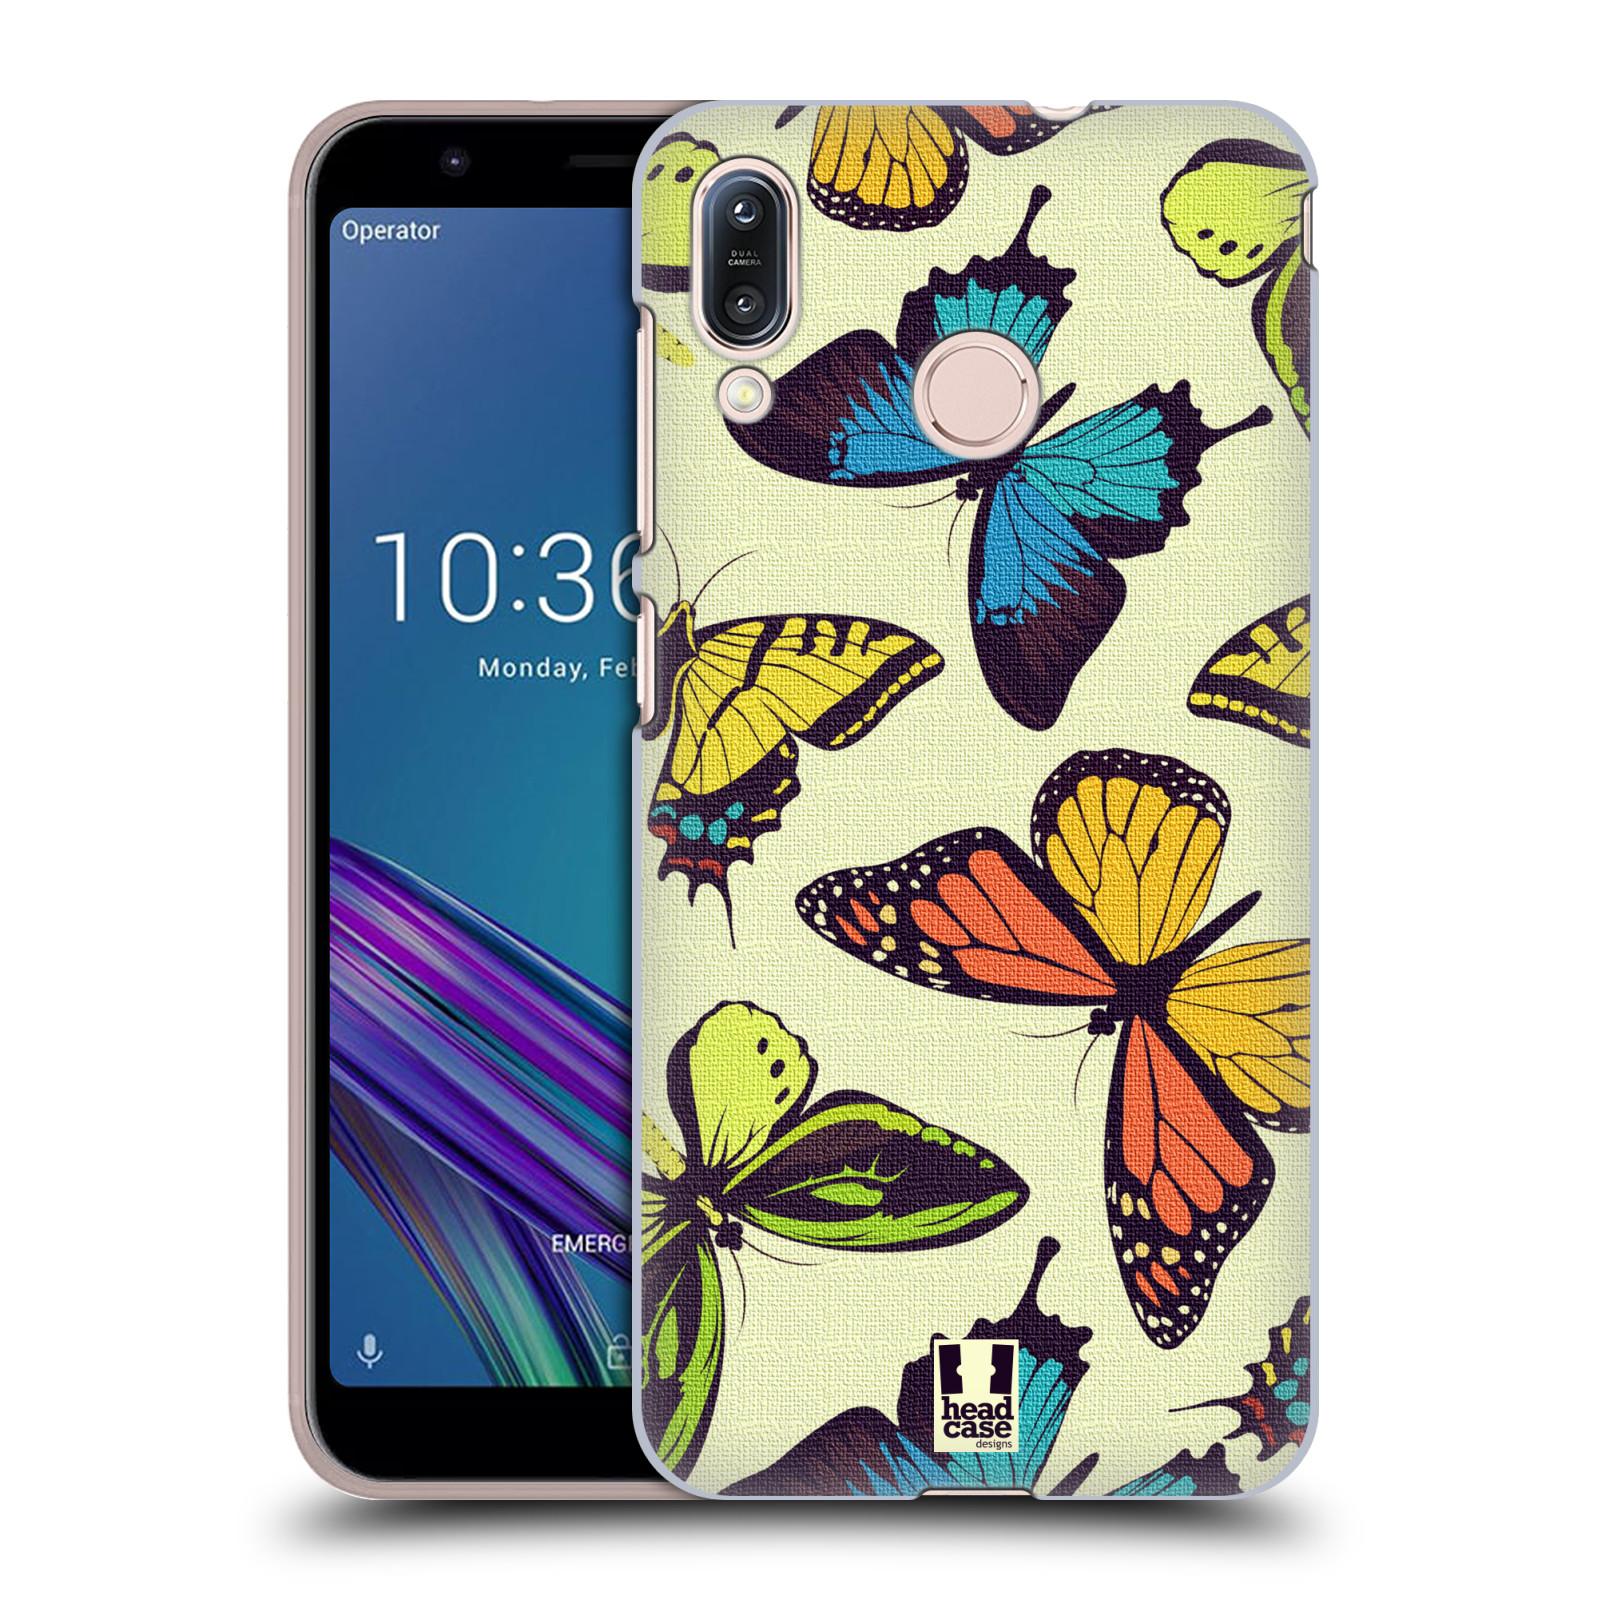 Pouzdro na mobil Asus Zenfone Max M1 (ZB555KL) - HEAD CASE - vzor Motýlci divočina